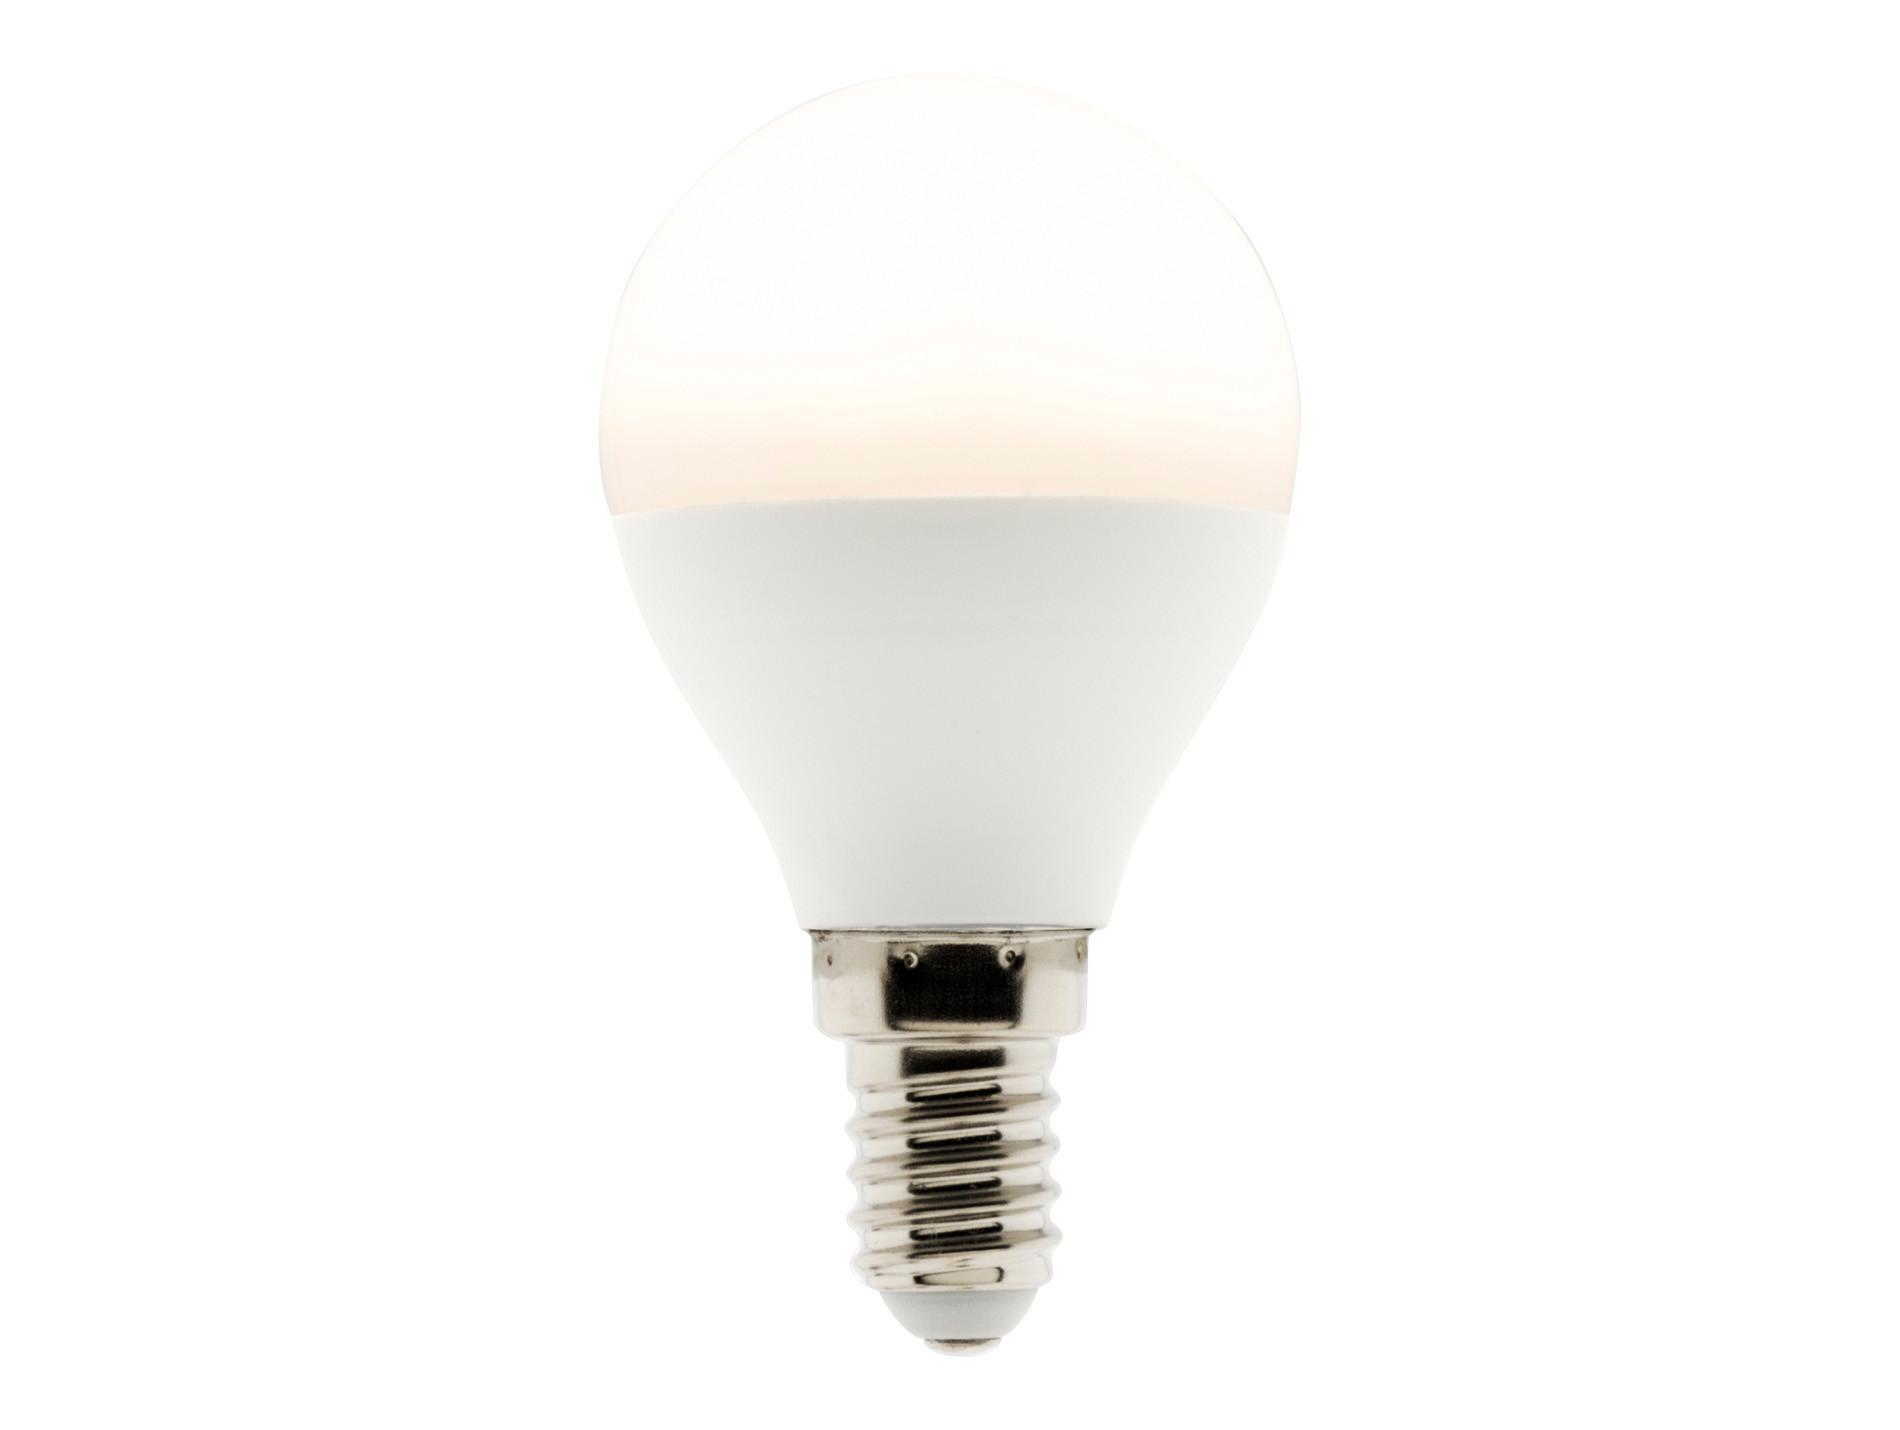 Et Electricité Ampoule Sphérique E14 2700k 5w Ampoules Led iOlwkTPXZu